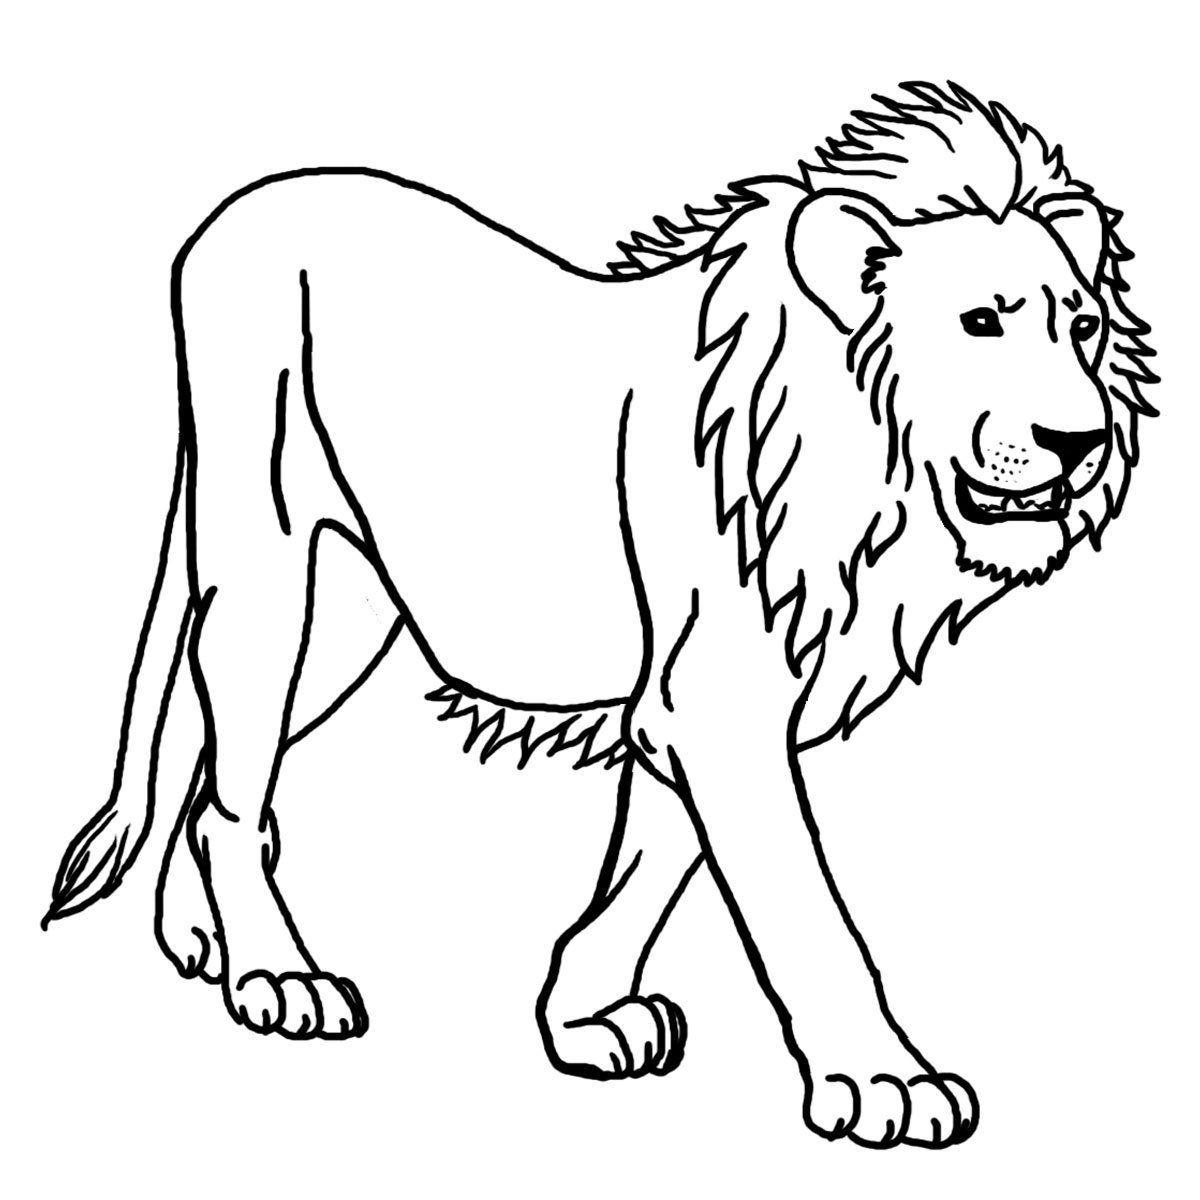 Dibujos De Leon Para Colorear Dibujos Para Colorear Coloreartv Com Leon Para Colorear Animales Salvajes Para Colorear Paginas Para Colorear De Animales